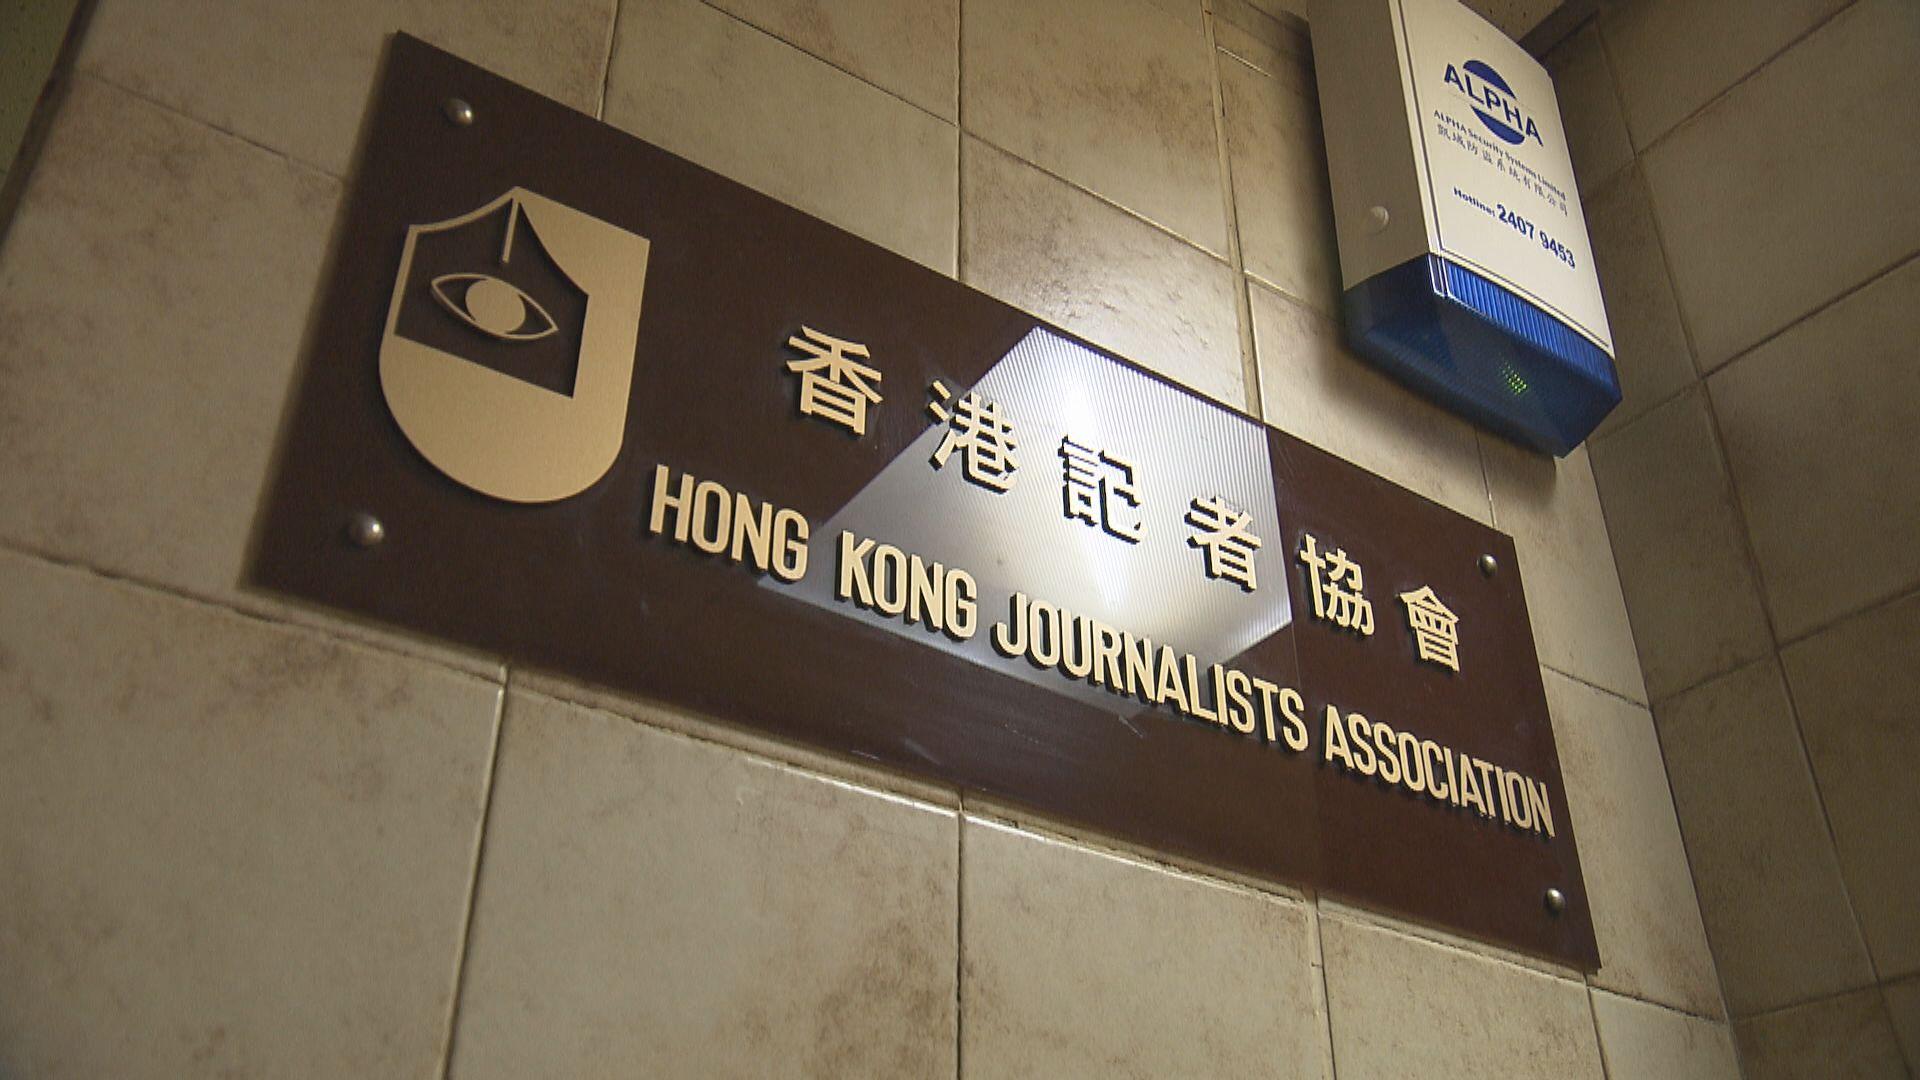 記協憂禁制令限披露警個人資料打壓新聞自由